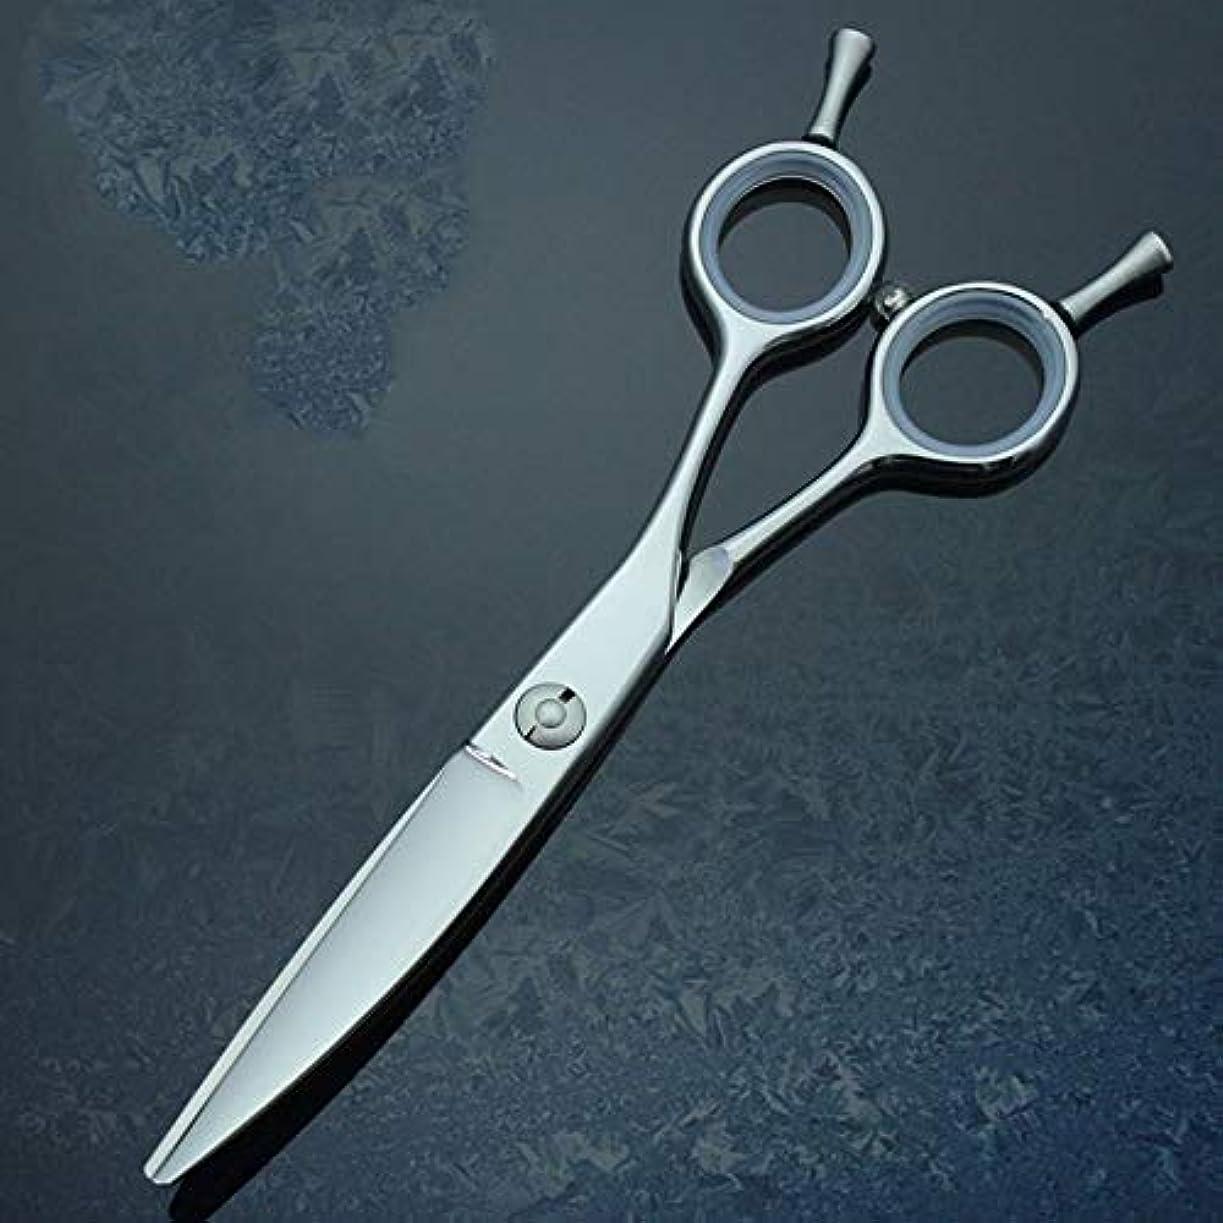 バタフライ支配的ヒョウWASAIO 理髪ウィローワープ曲げせん断6.0インチに設定し、歯を薄くヘアカットのはさみはさみプロフェッショナルMustacheProfessional理容サロンレイザーエッジツール (色 : Silver)